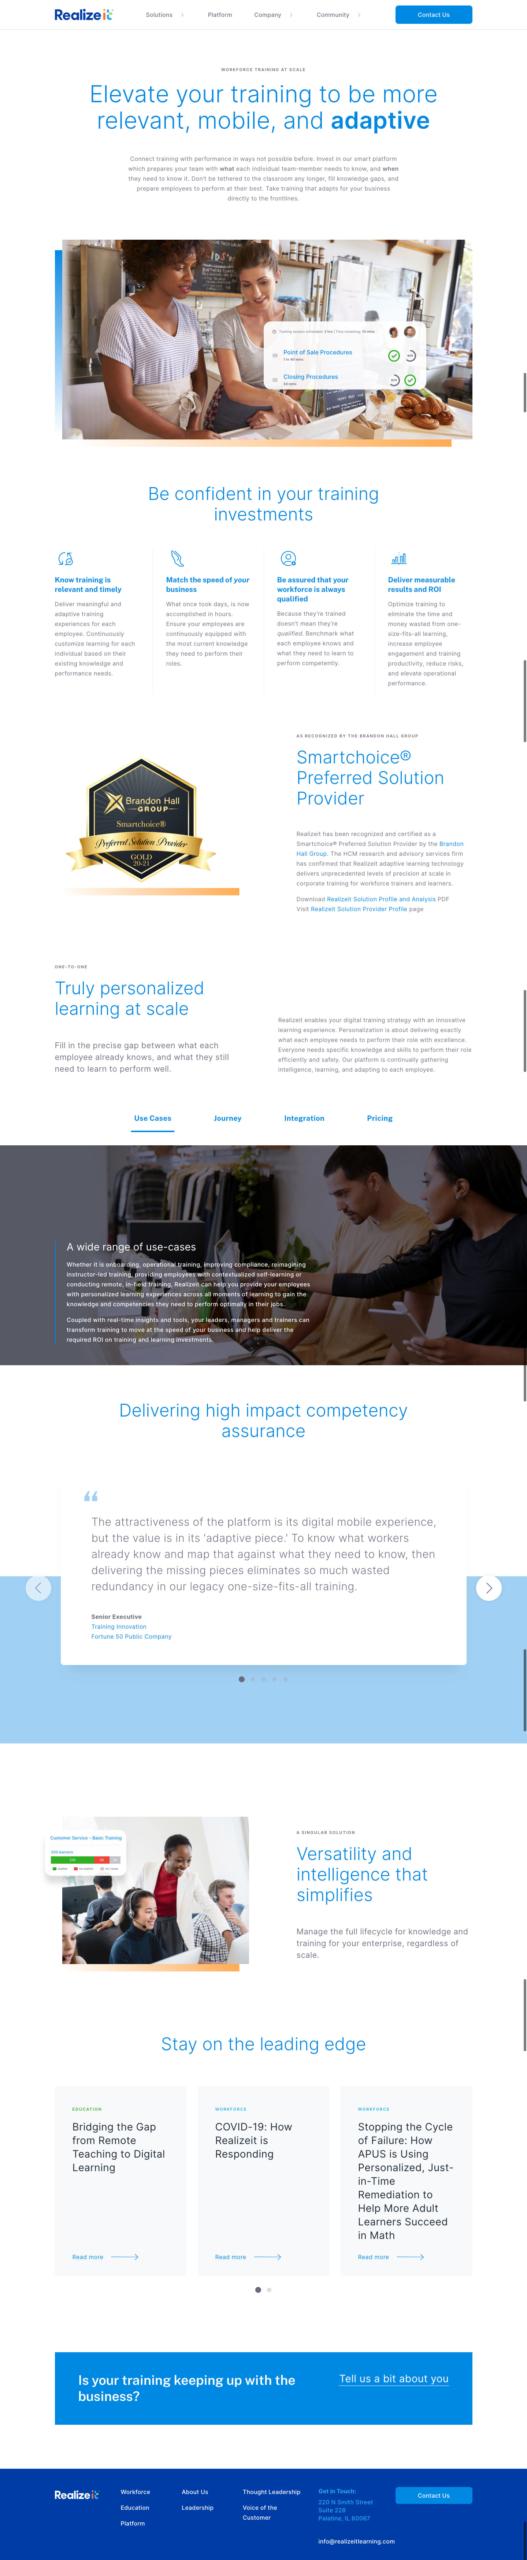 Realizeit Workforce Design